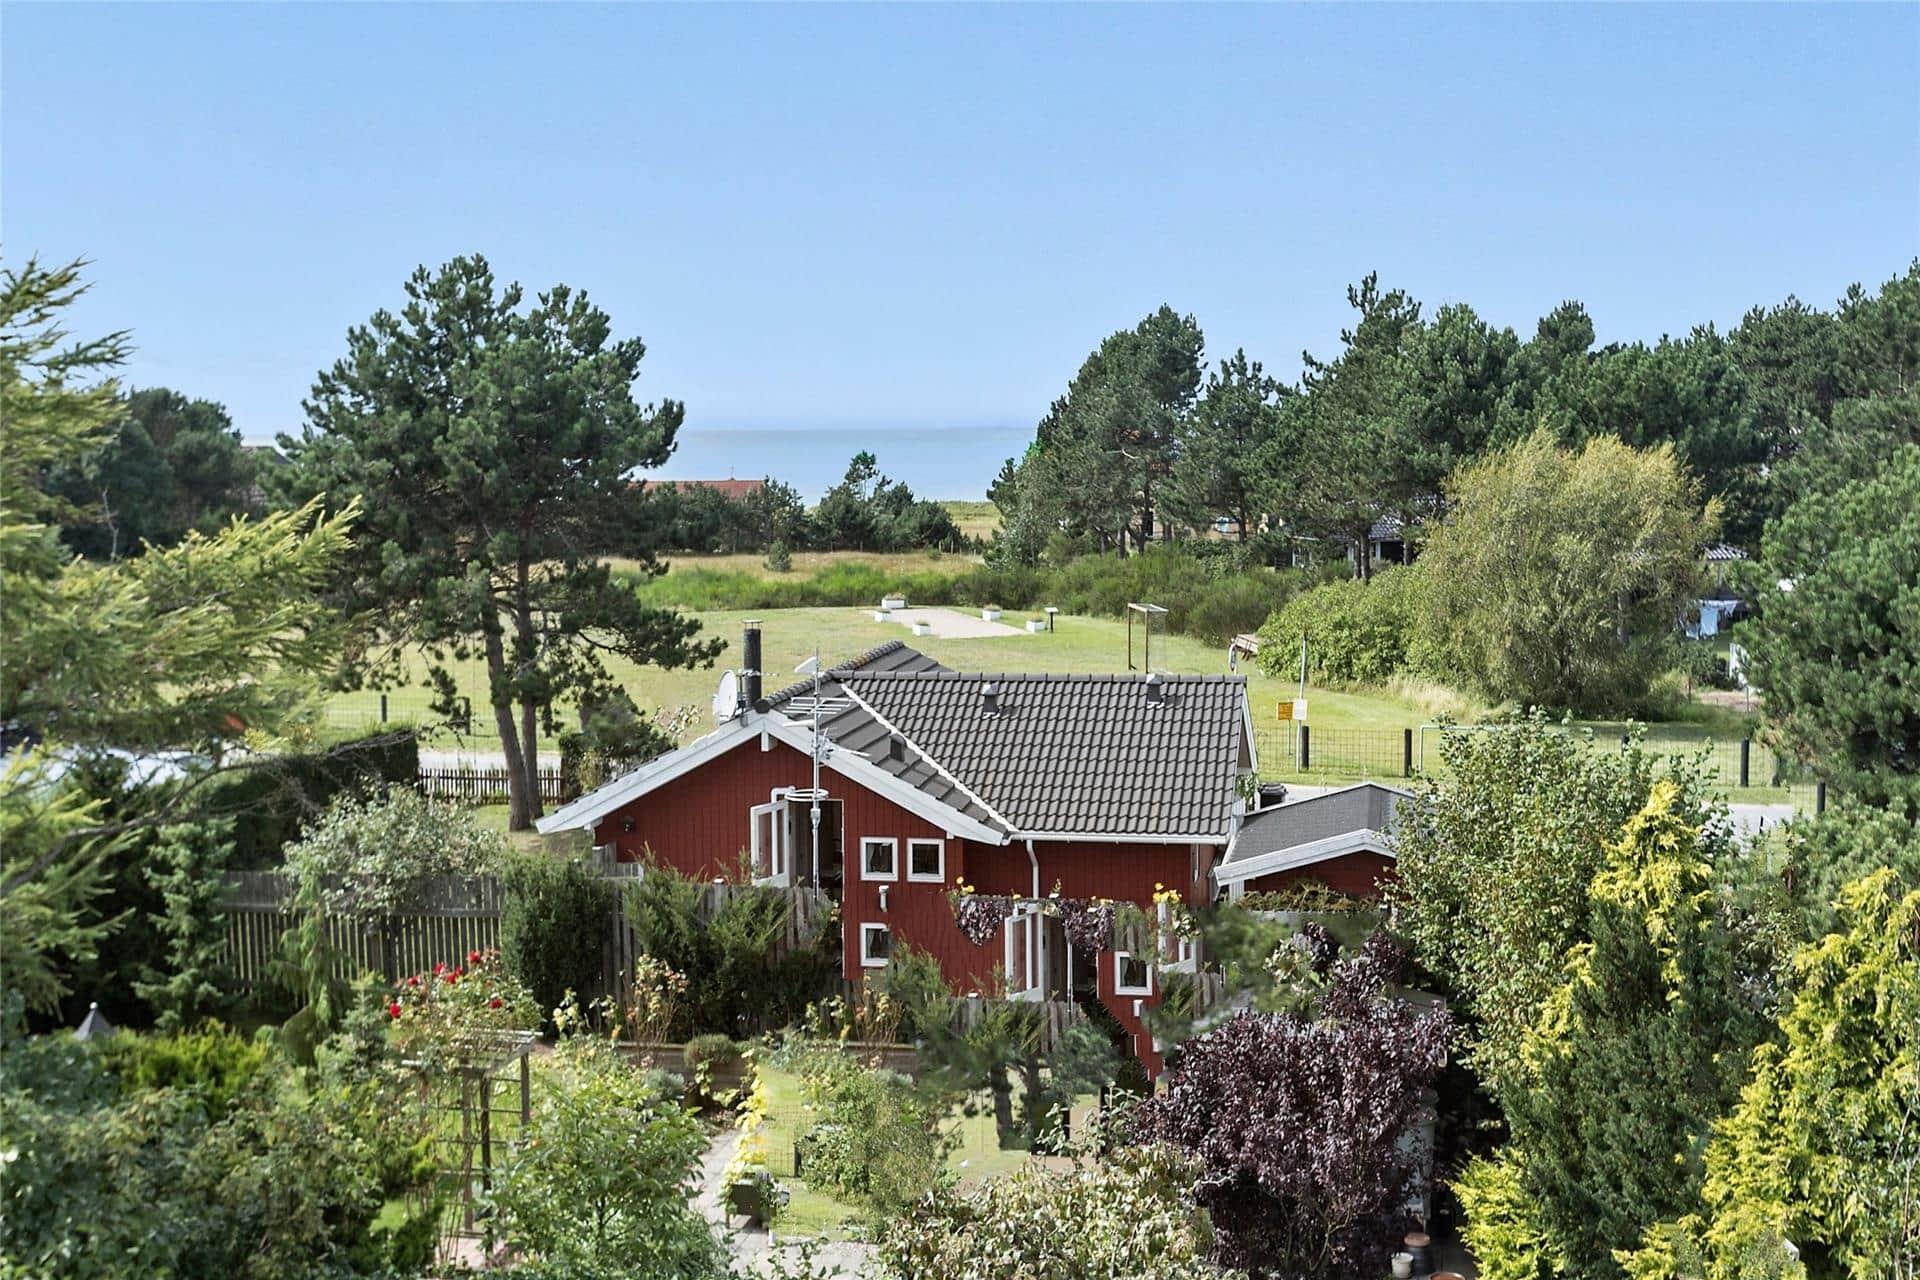 Billede 1-26 Sommerhus SL227, Kongsmarkvej 55, DK - 4200 Slagelse